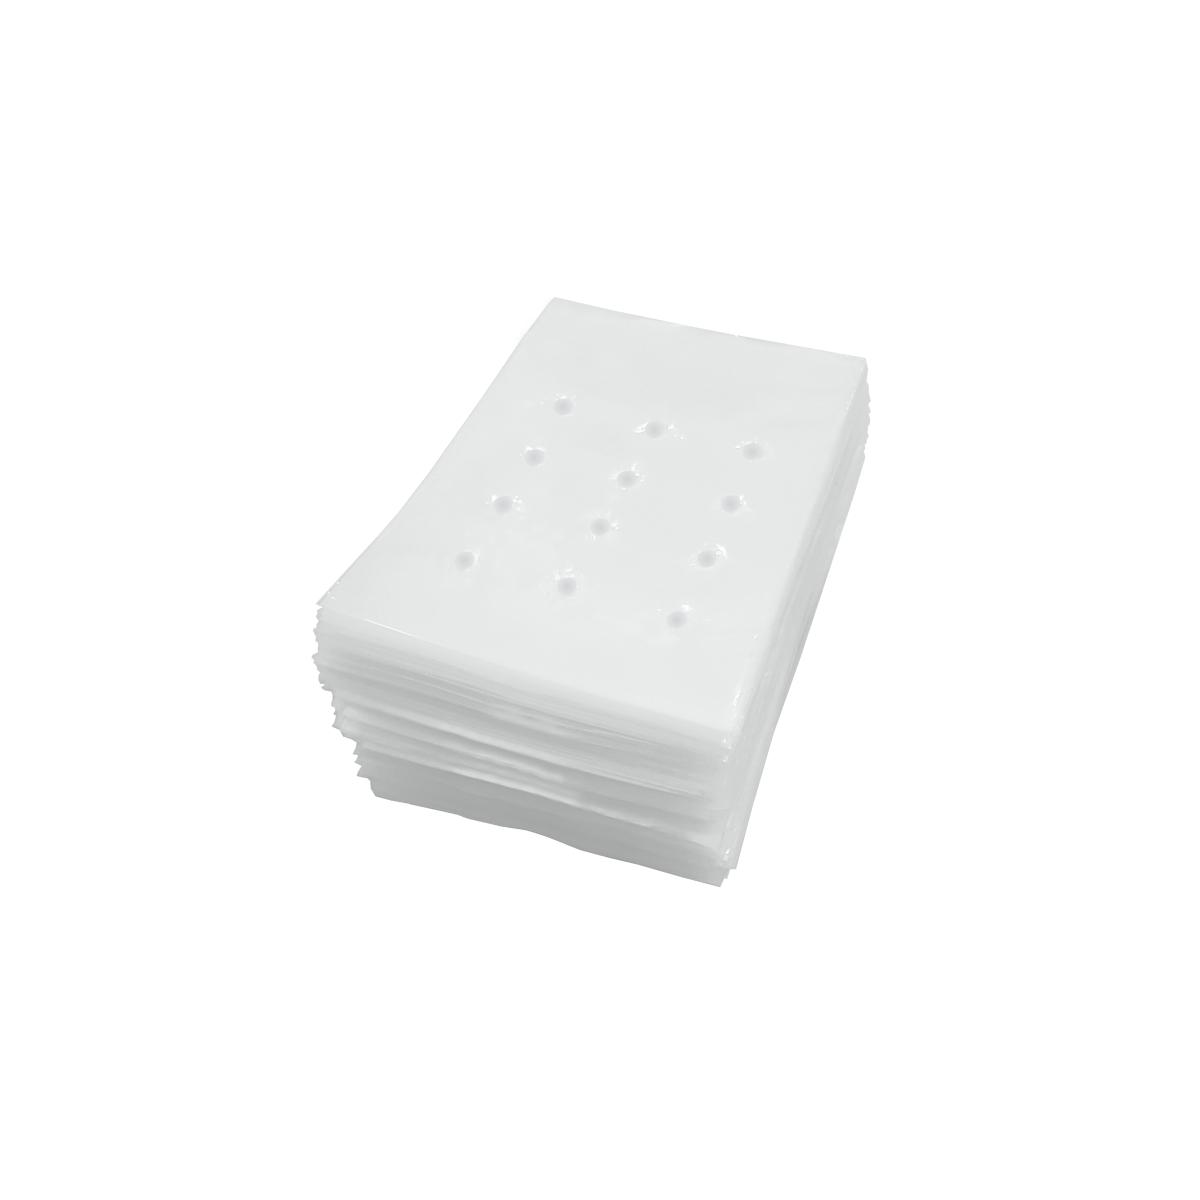 Sacos em Polietileno para Alho com 500 unidades